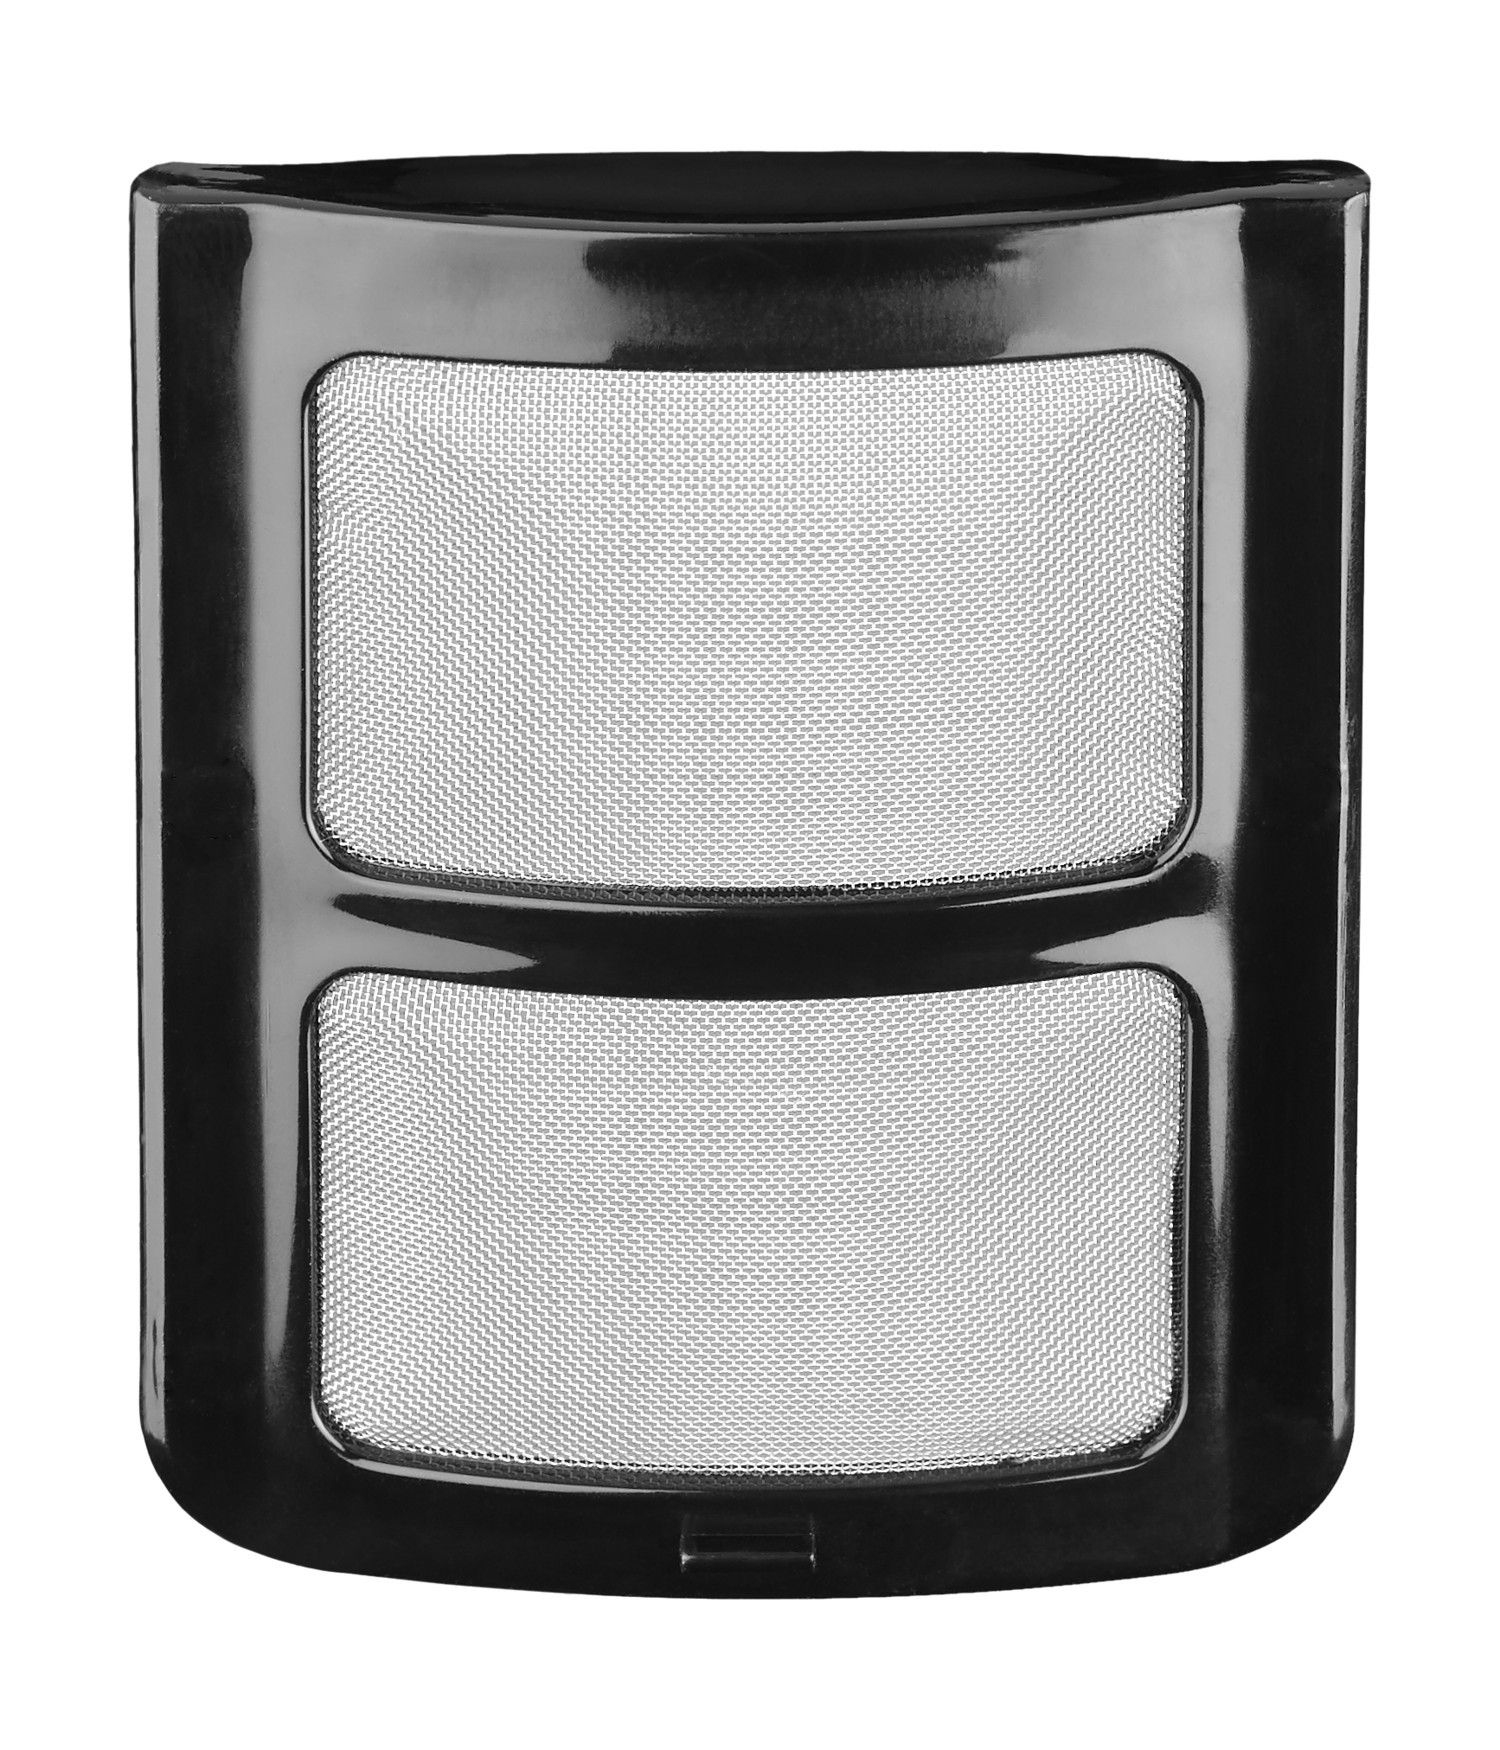 KitchenAid Kessel-Wasserkocher 1,25l - Sieb